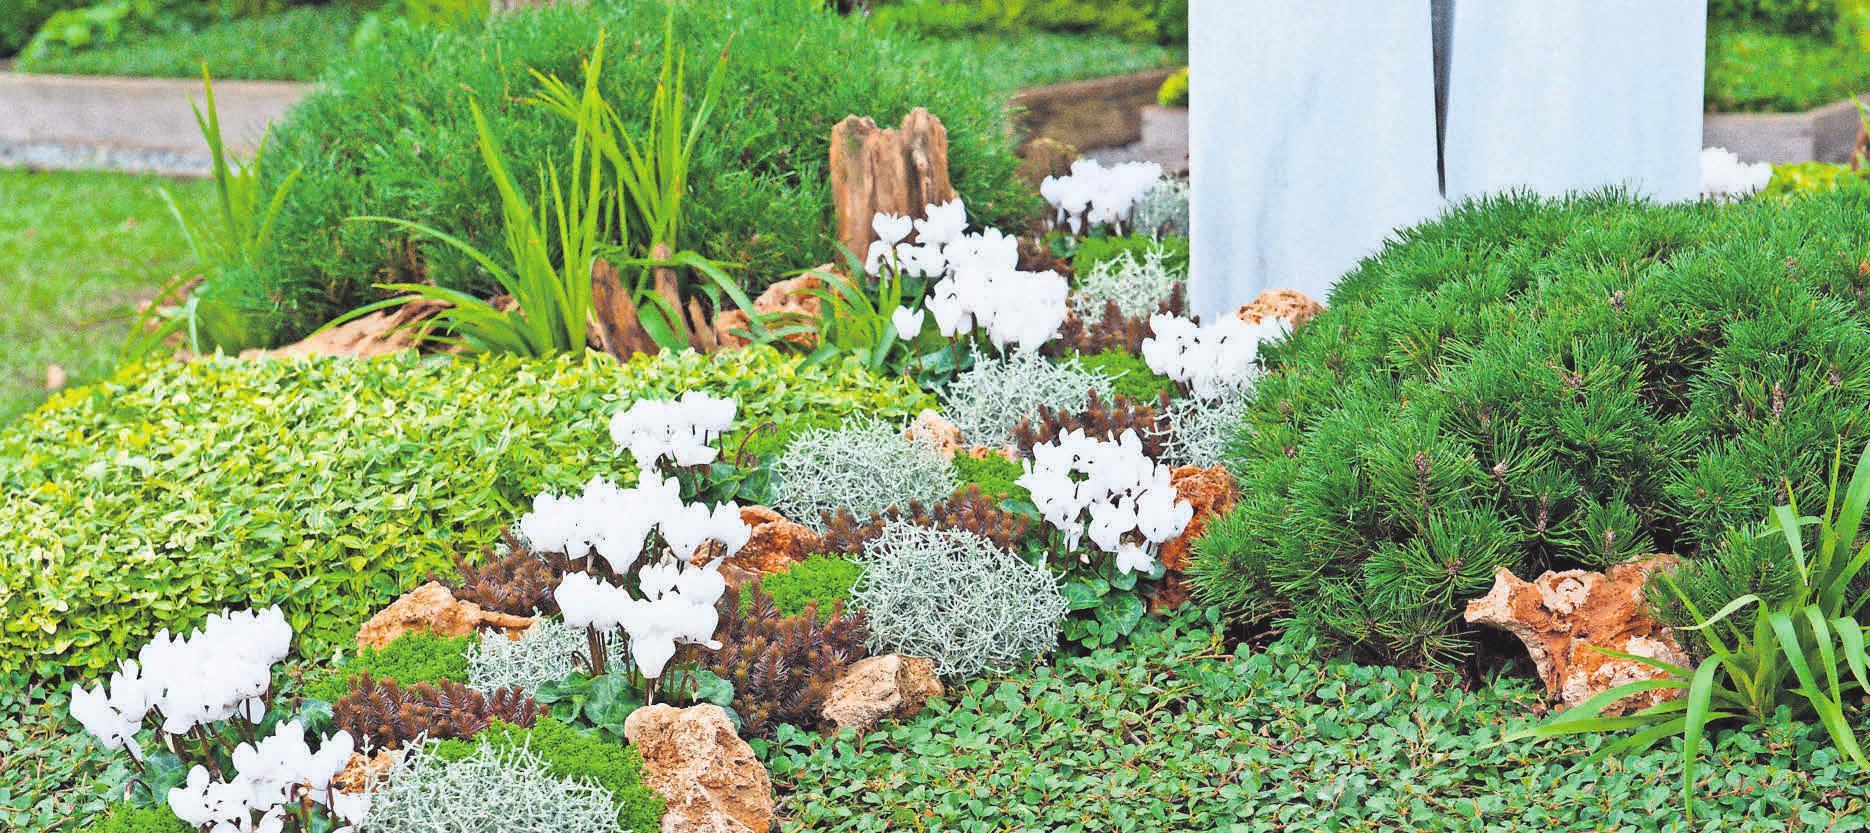 Das Alpenveilchen ist eine Herbstpflanze, die für einen stimmigen optischen Gesamteindruck des Grabes sorgt. Fotos (2): djd/ Gesellschaft deutscher Friedhofsgärtner/Margit Wild